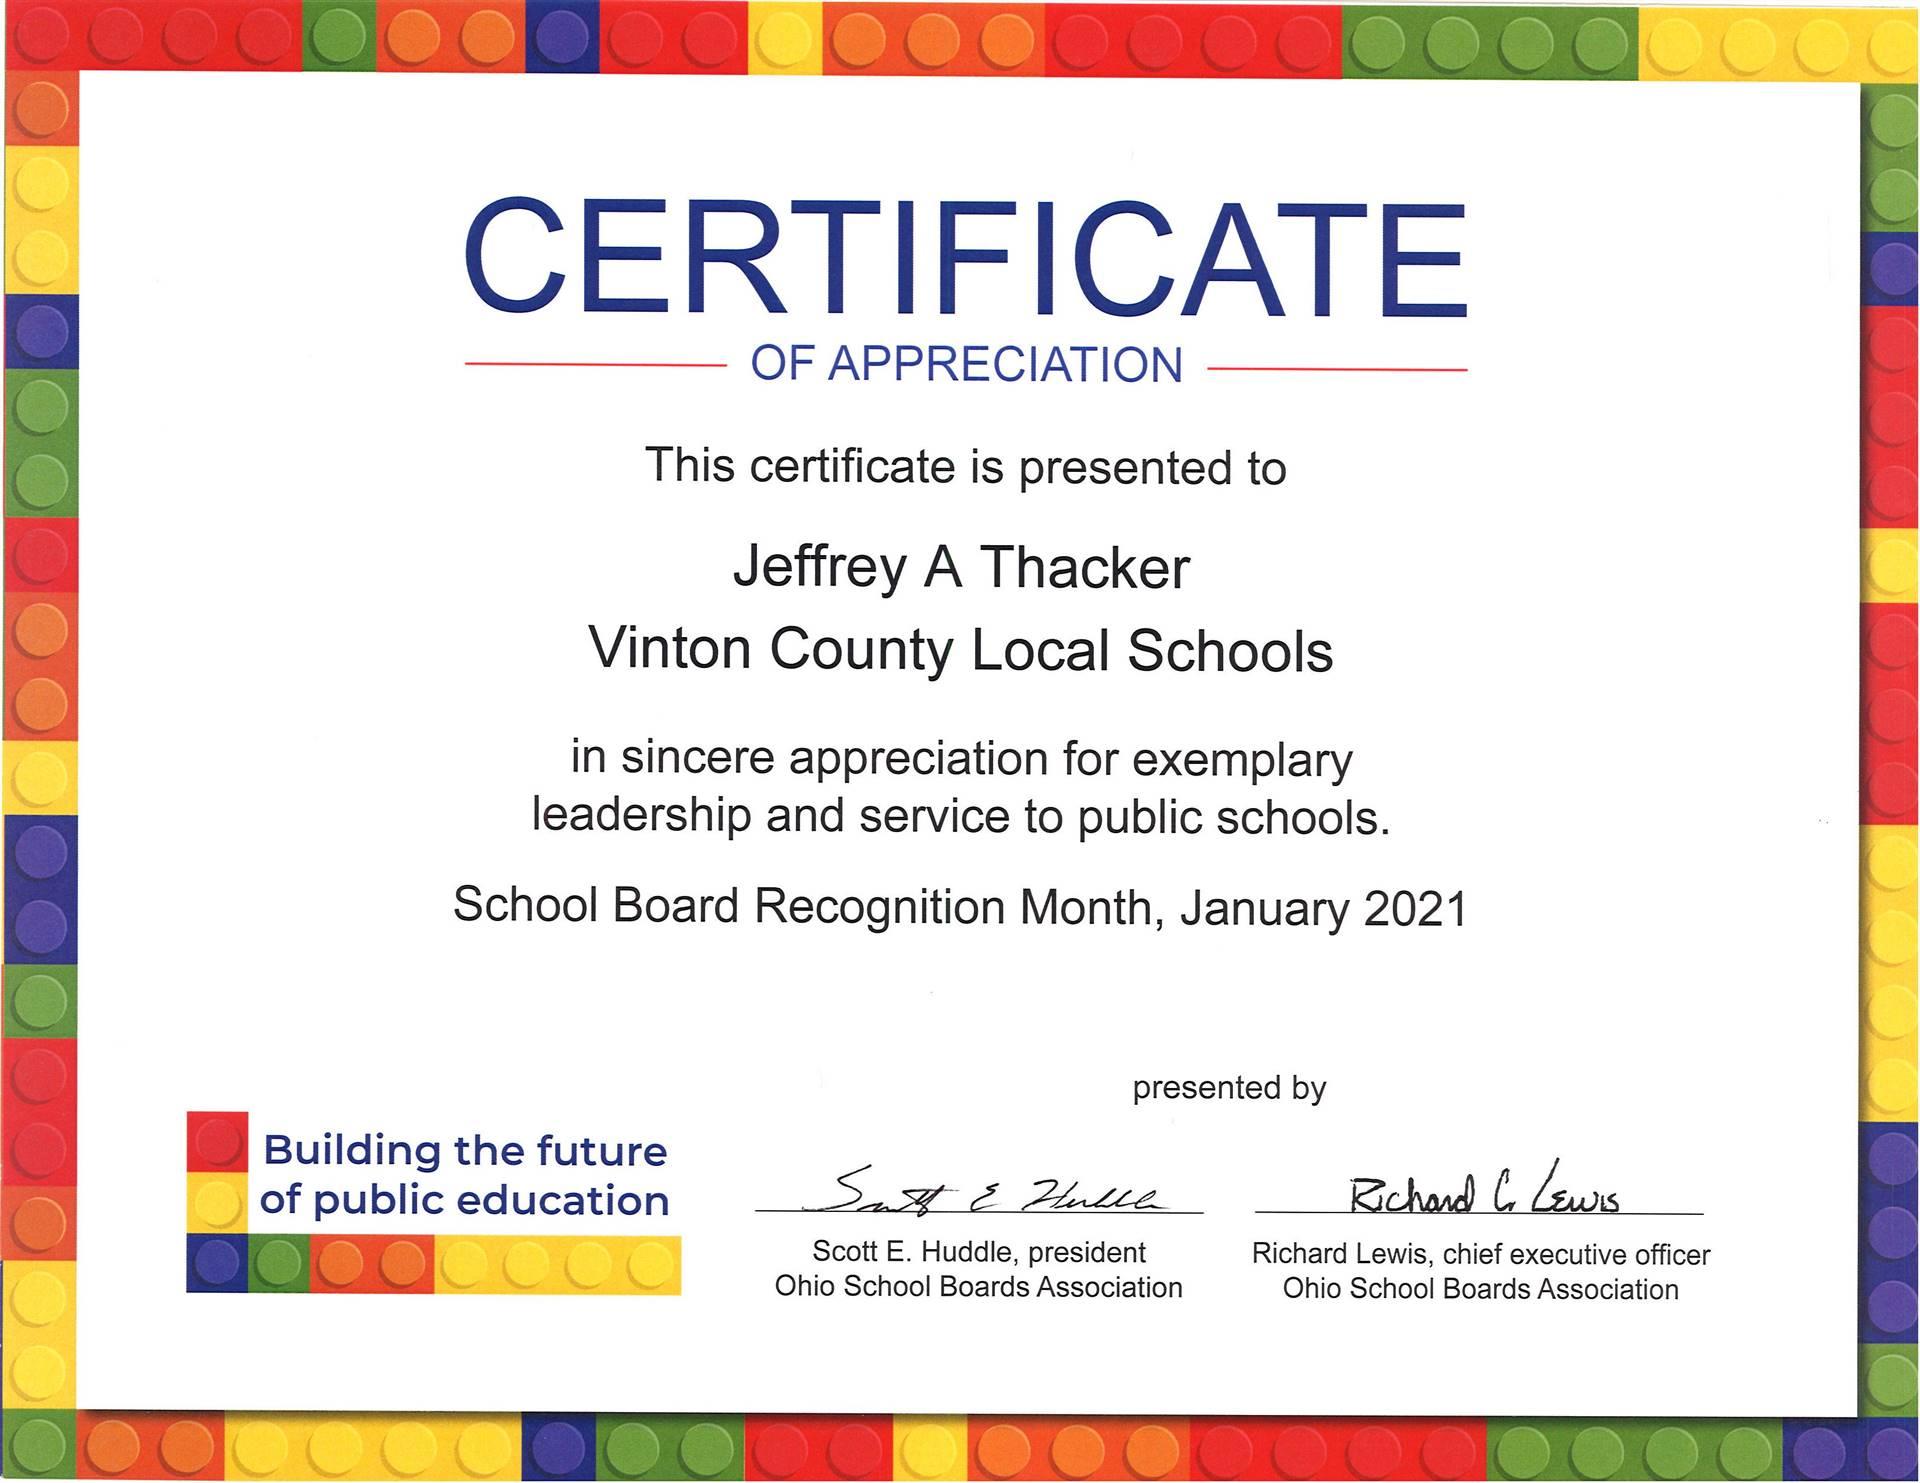 Certificate of Appreciation for Jeffrey Thacker